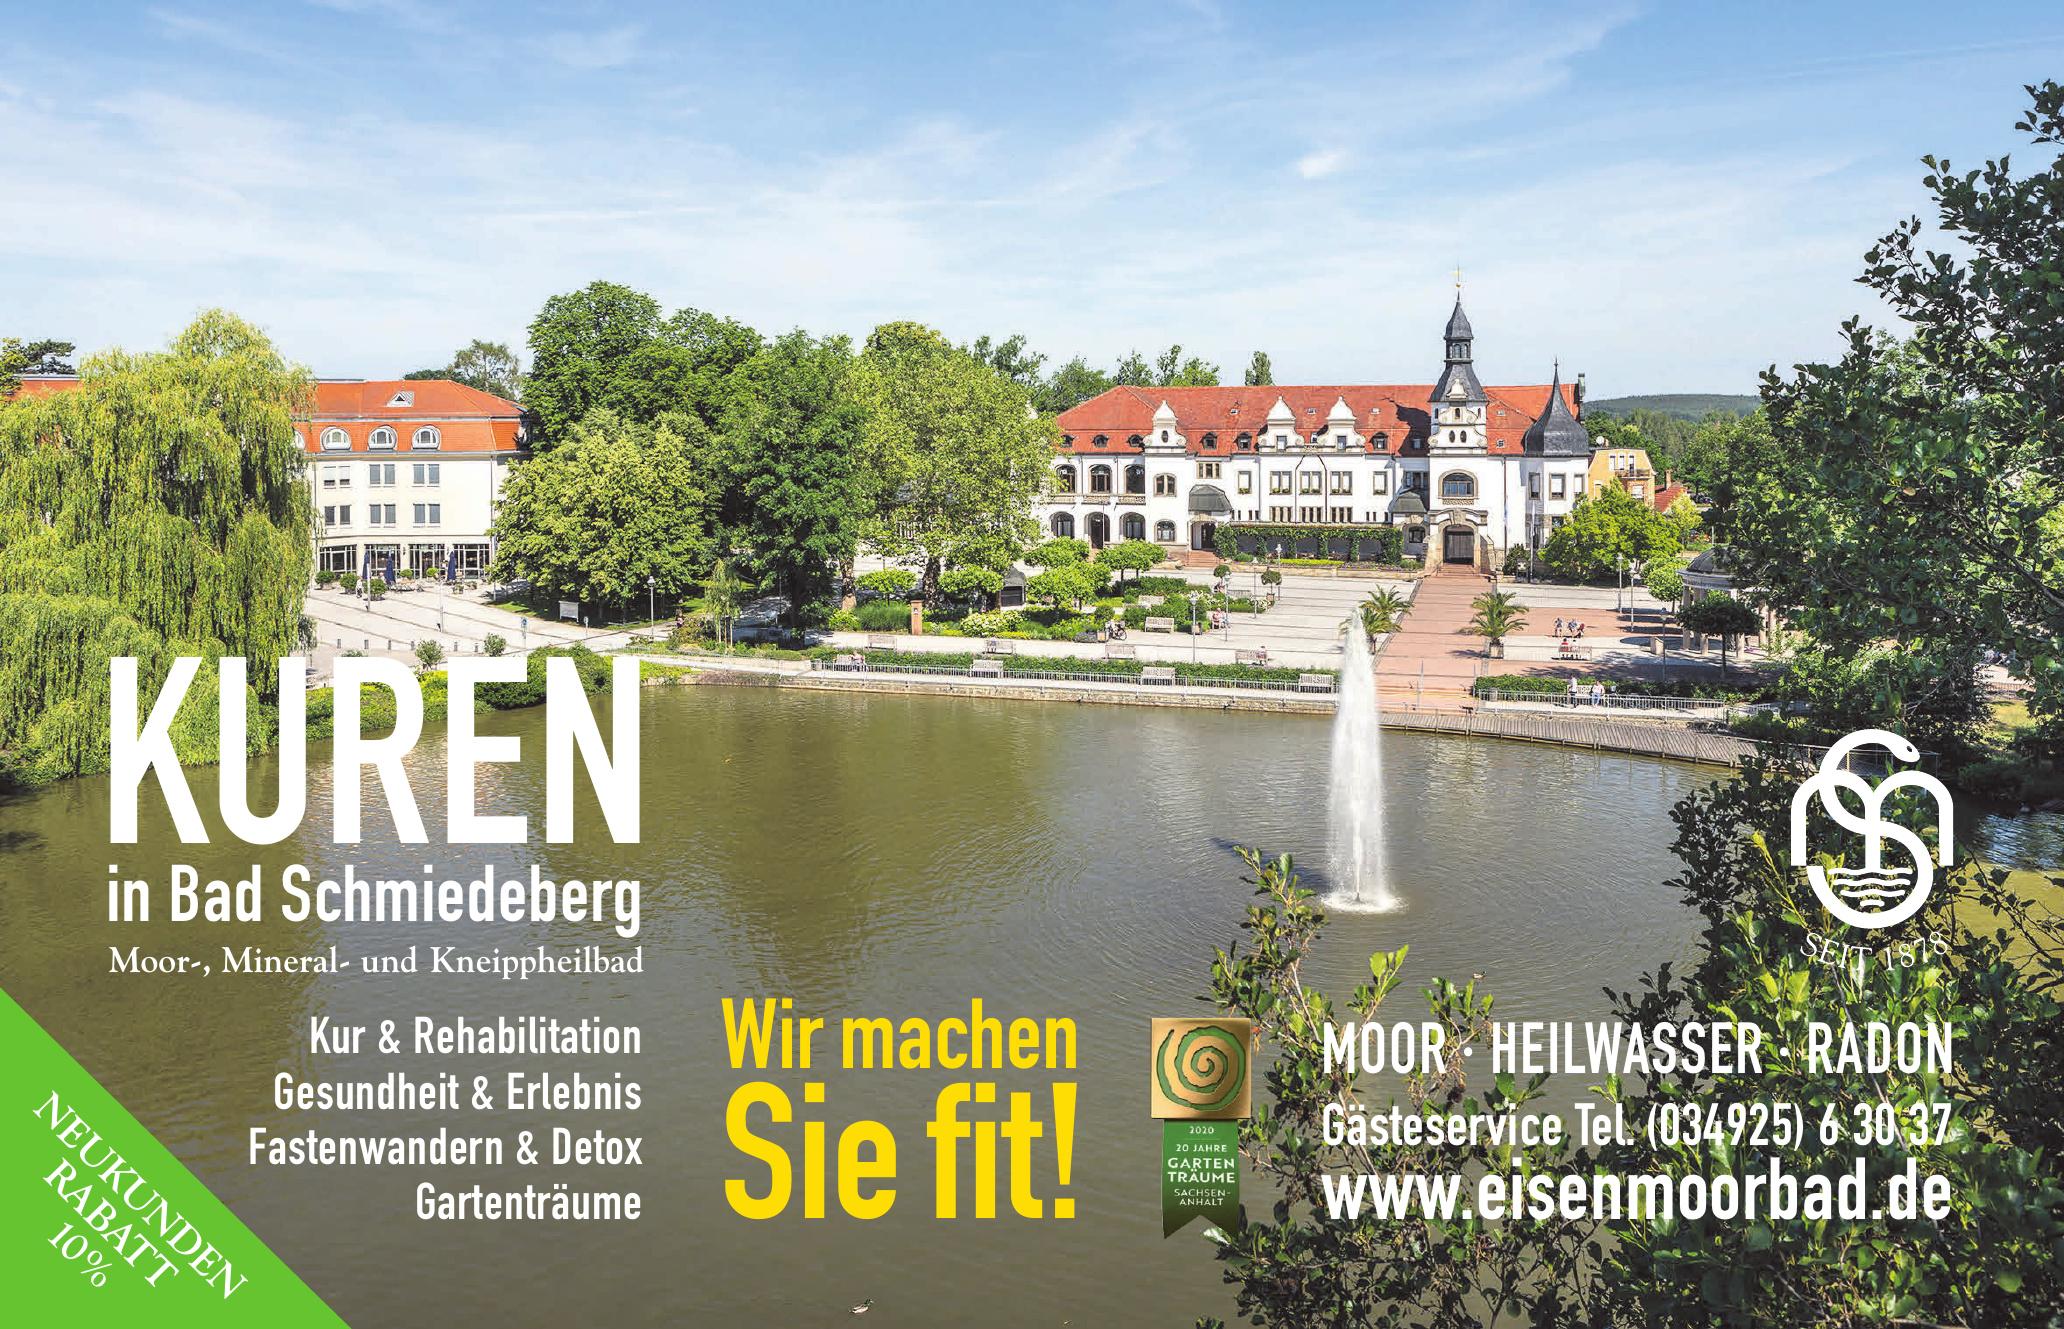 Kuren in Bad Schmiedeberg